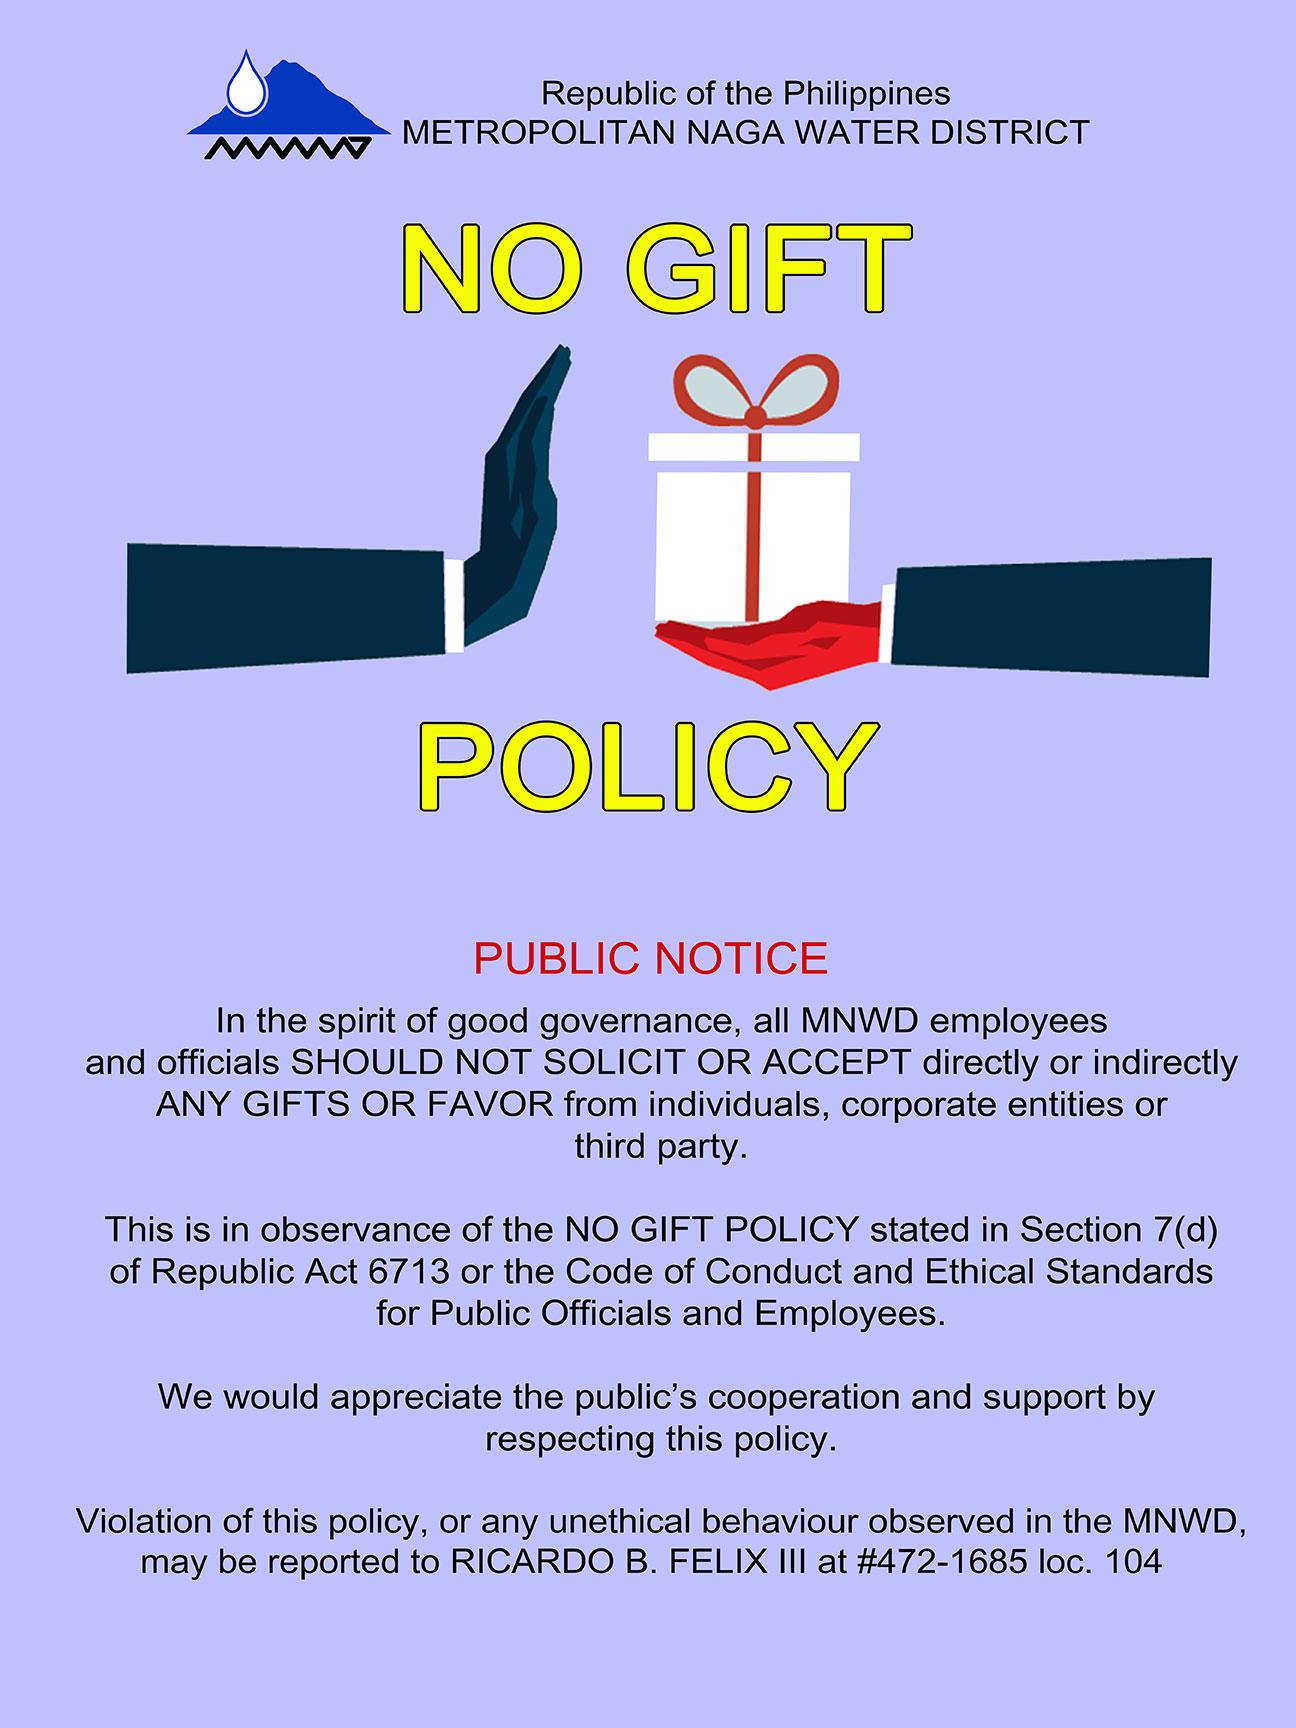 Public Notice No Gift Policy Metropolitan Naga Water